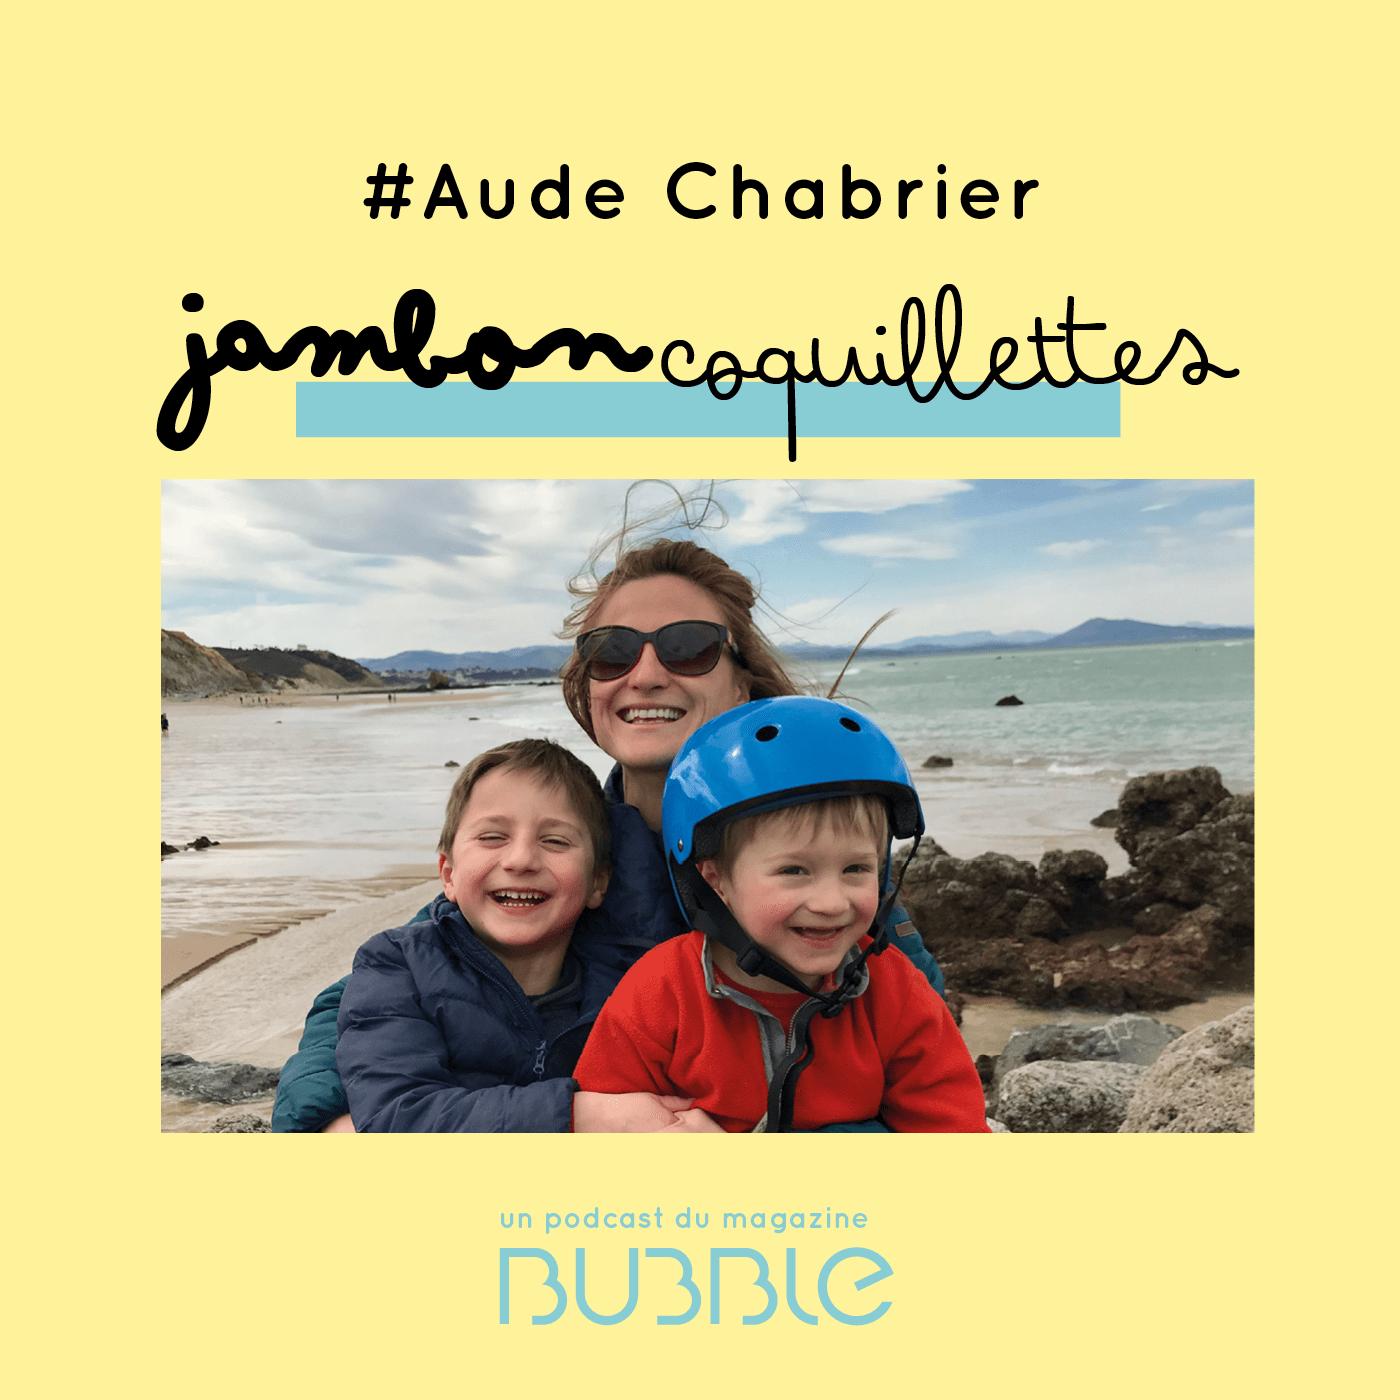 Aude Chabrier, cofondatrice du magazine Bubble et formatrice Faber et Mazlish